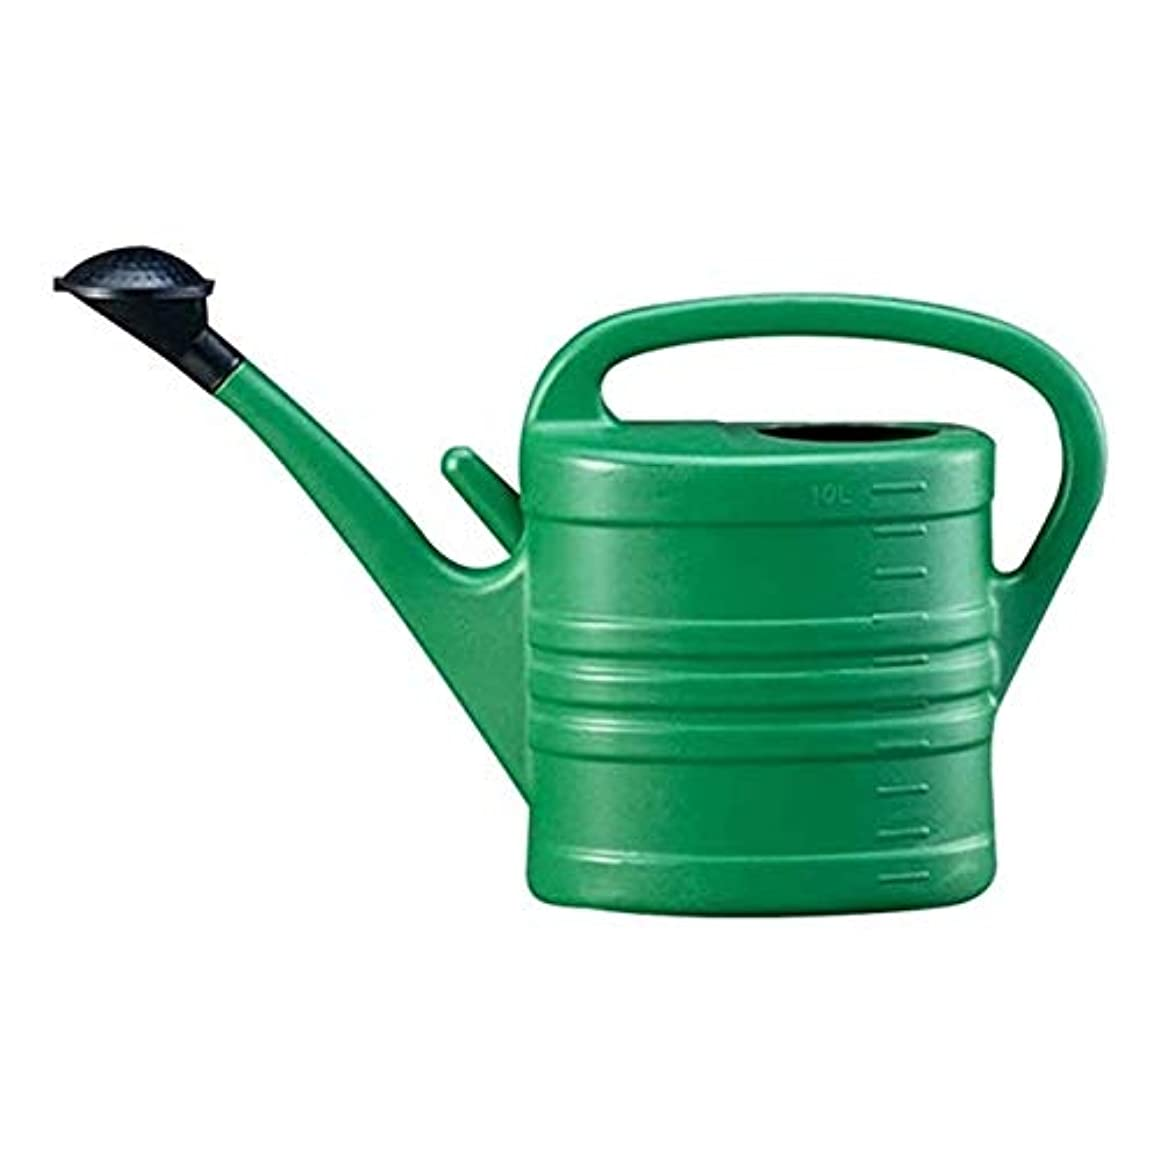 セージぬるい丁寧SHYQC 大型家庭用の水やりは、プラスチック製の快適なグリップガーデニングツールは、表面グリッチフリーガーデン不可欠スムースすることができます (Color : 5L)